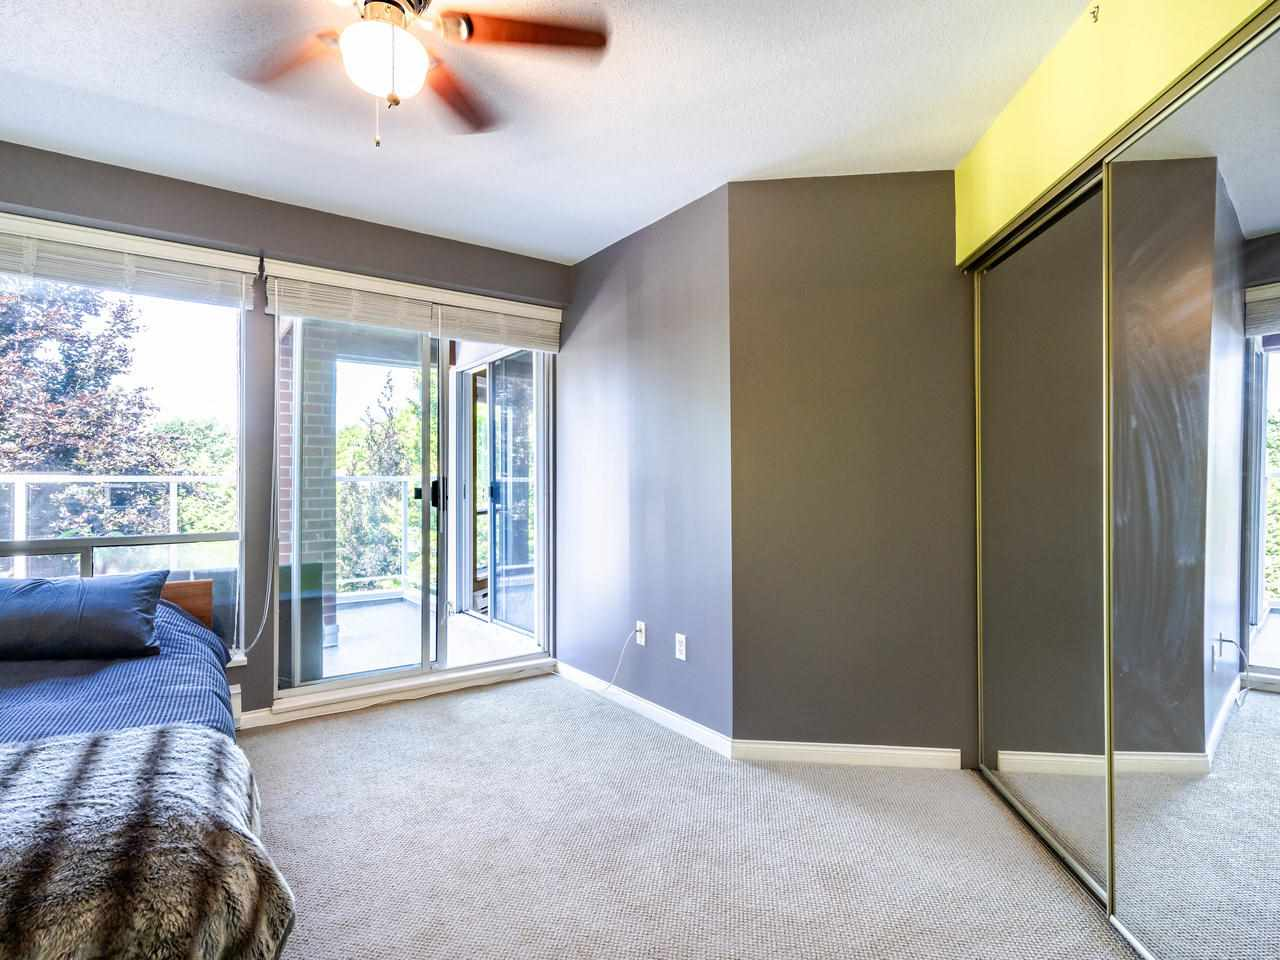 303 2288 W 12TH AVENUE - Kitsilano Apartment/Condo for sale, 2 Bedrooms (R2468075) - #35